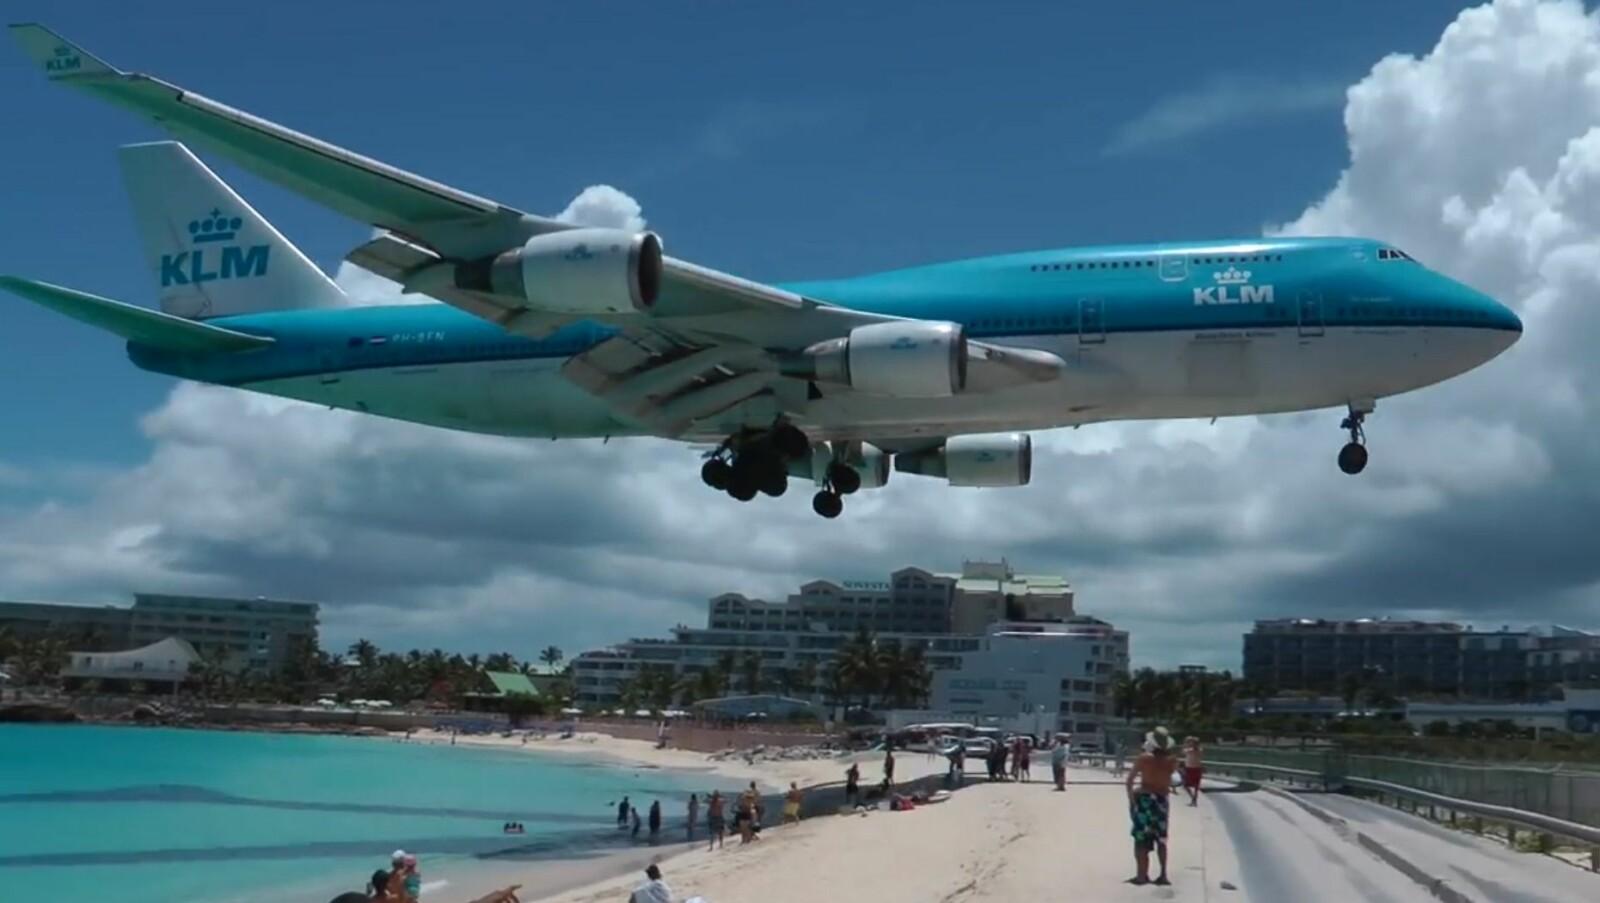 FLYKJEMPEN: Vil du se Boeing 747 og andre fly på nært hold? Da bør du tar turen til St. Martin.